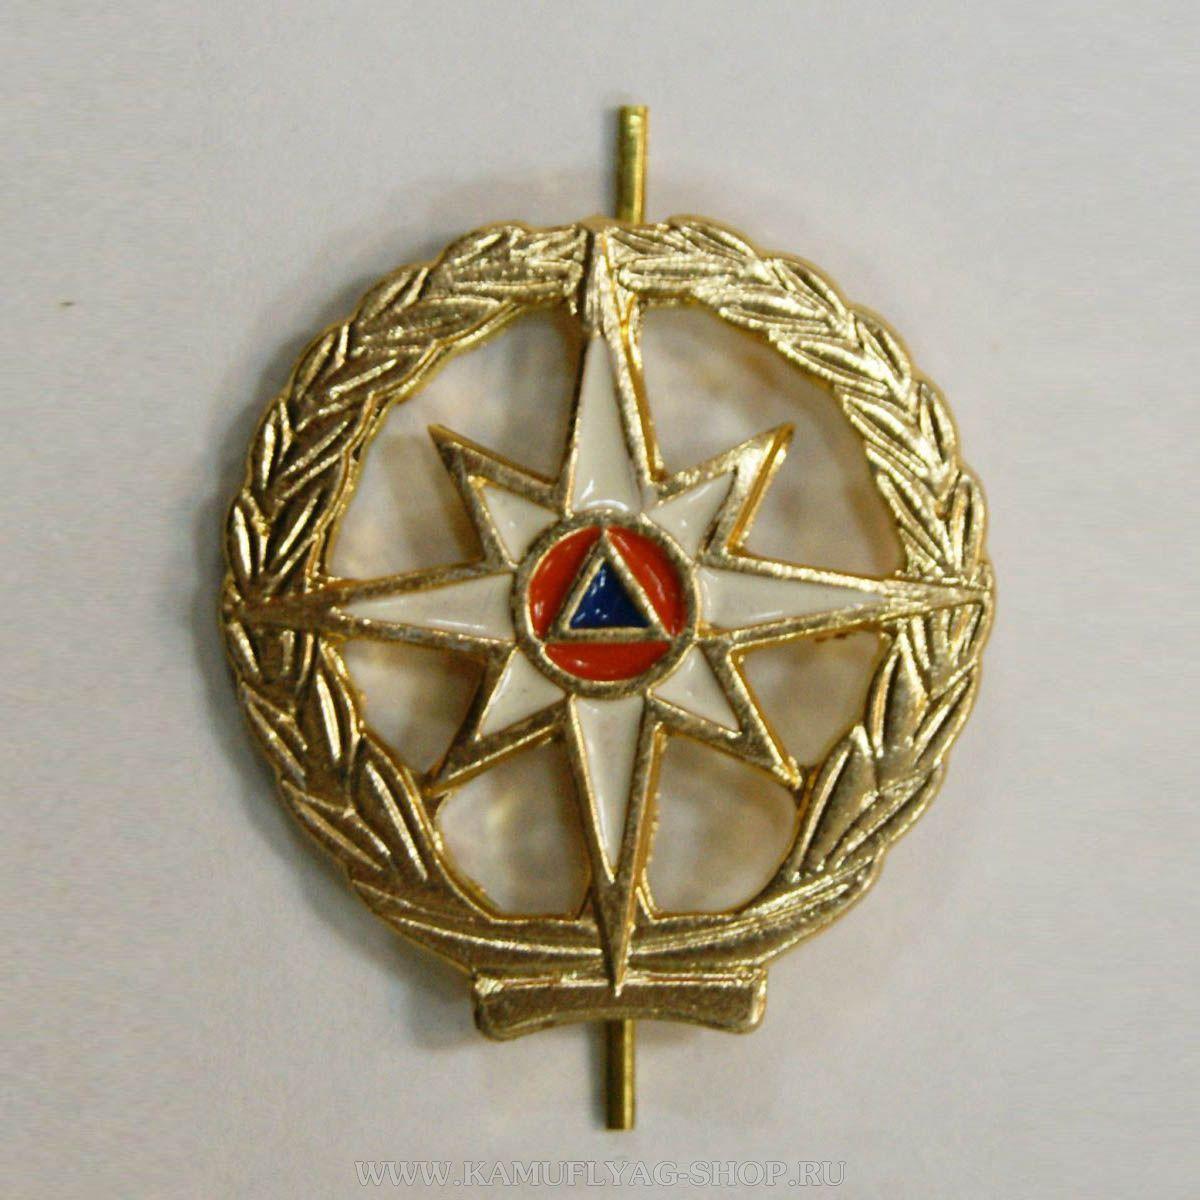 Эмблема петличная МЧС с просечками, золотая (шт.)